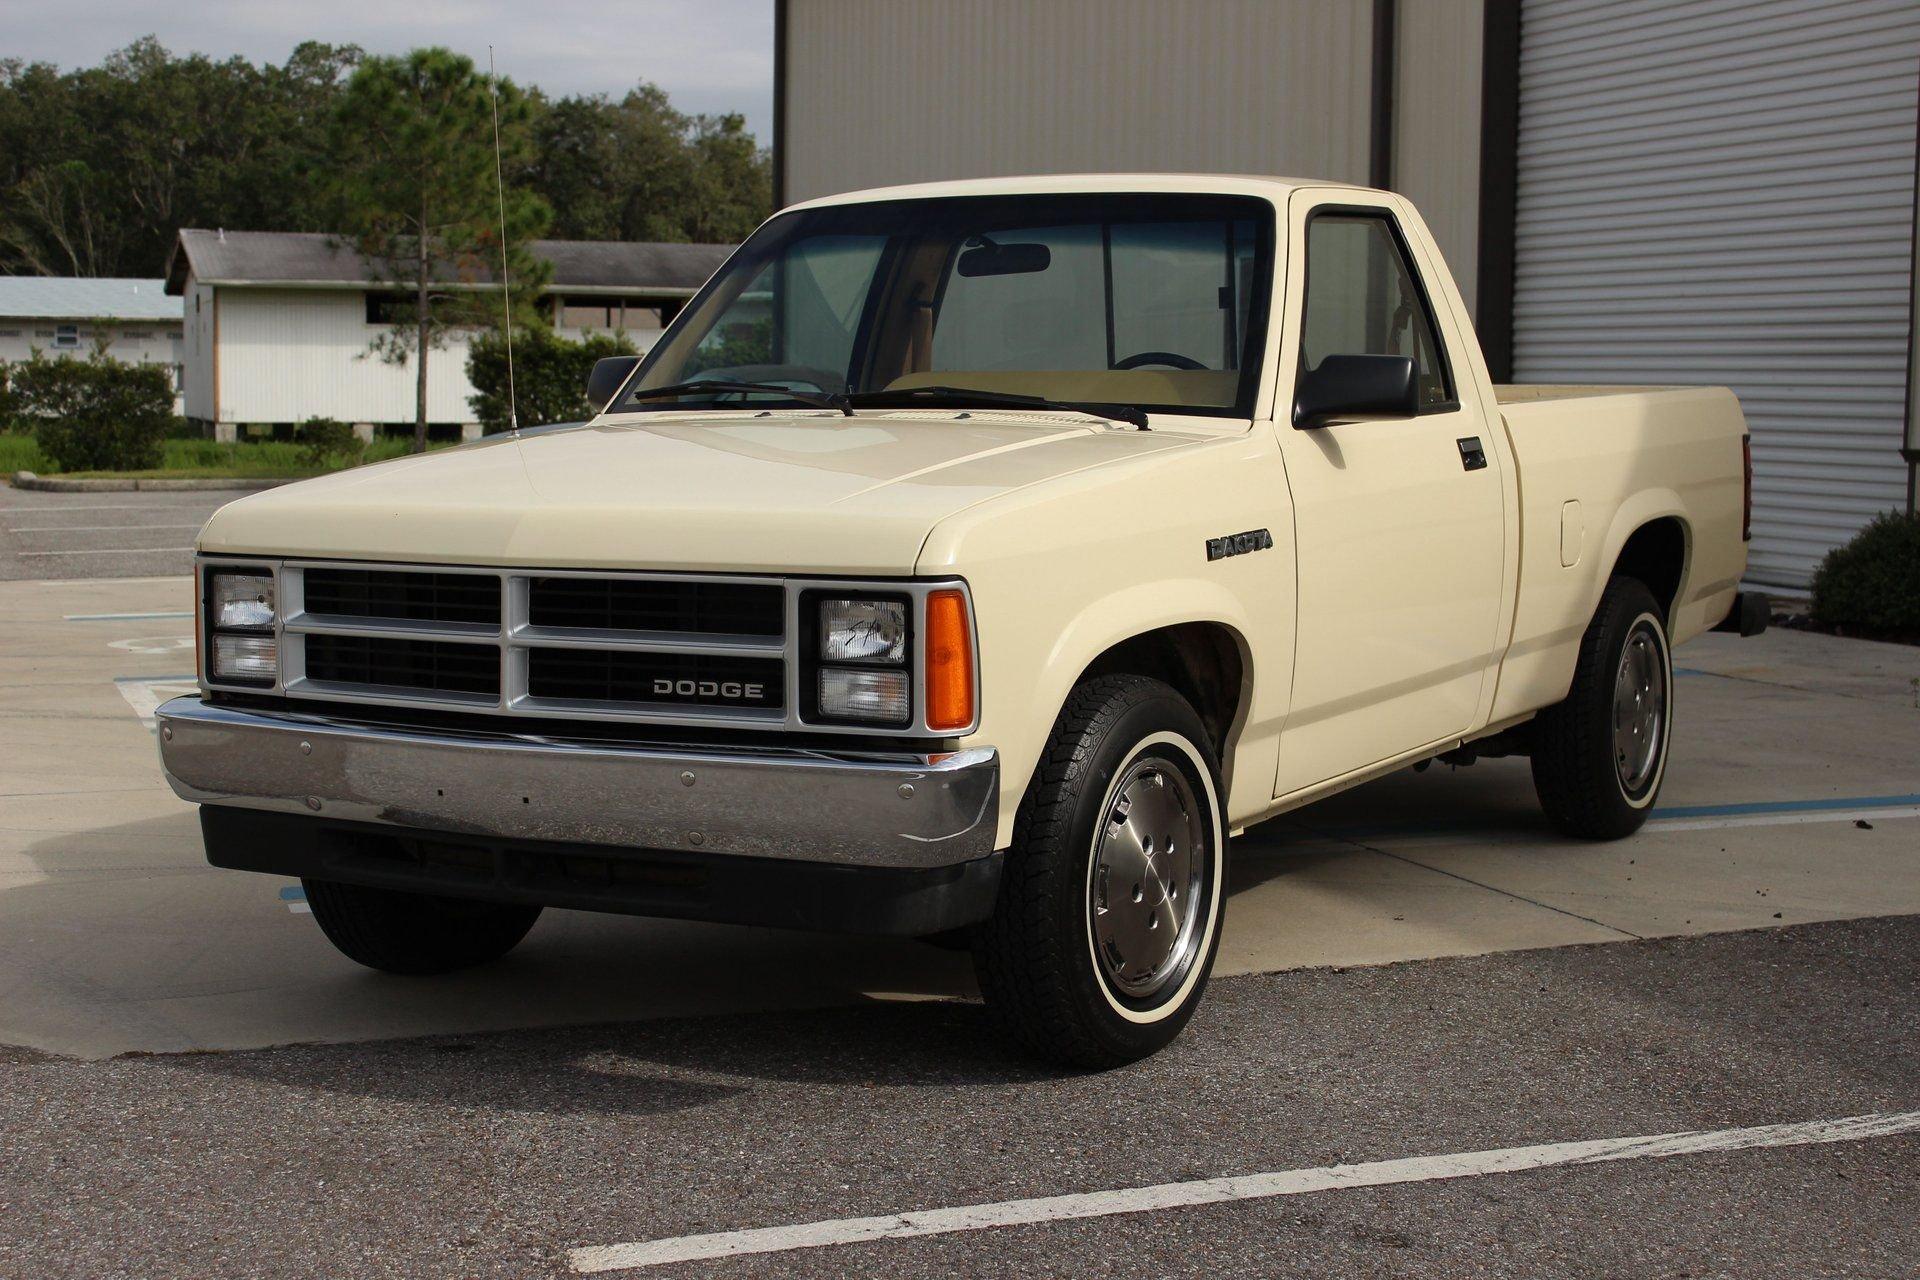 1988 dodge dakota pickup